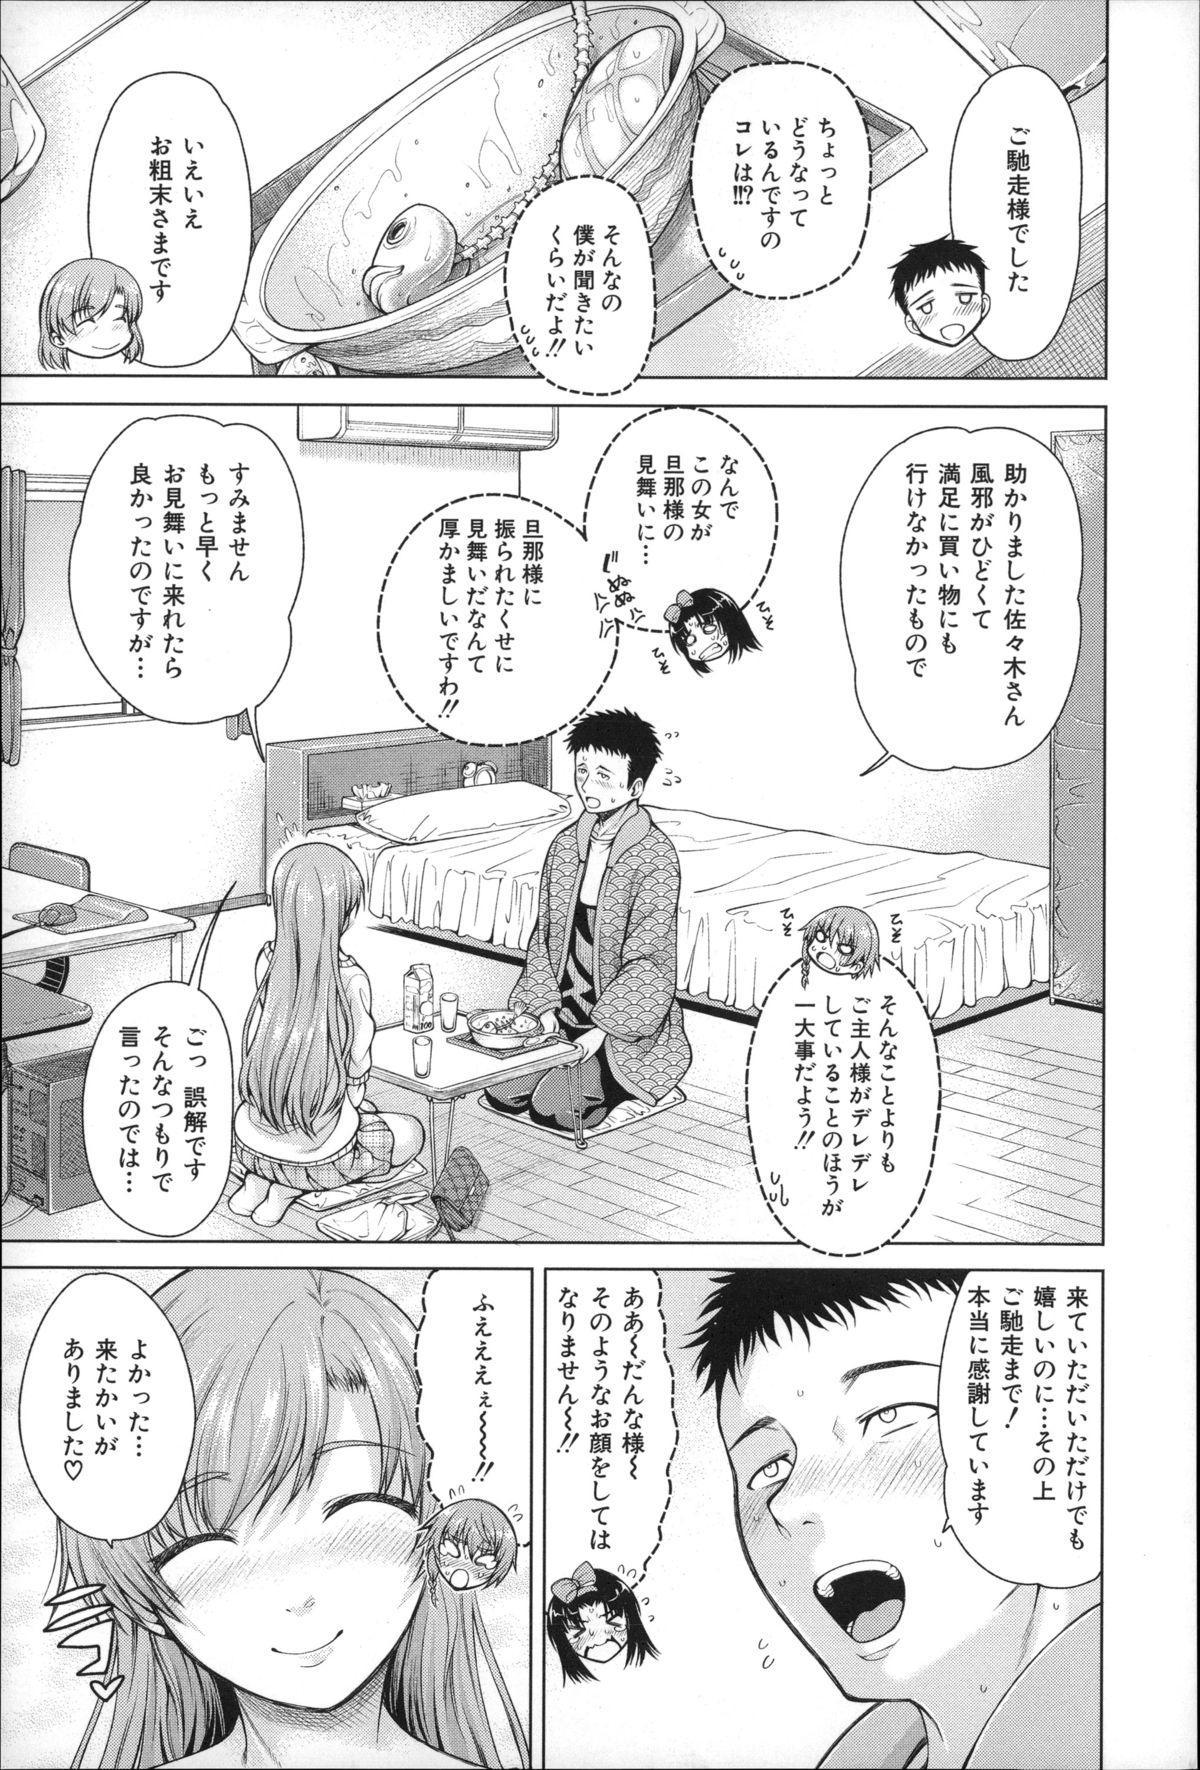 Migite ga Bishoujo ni Natta kara Sex Shita kedo Doutei dayone!! 85